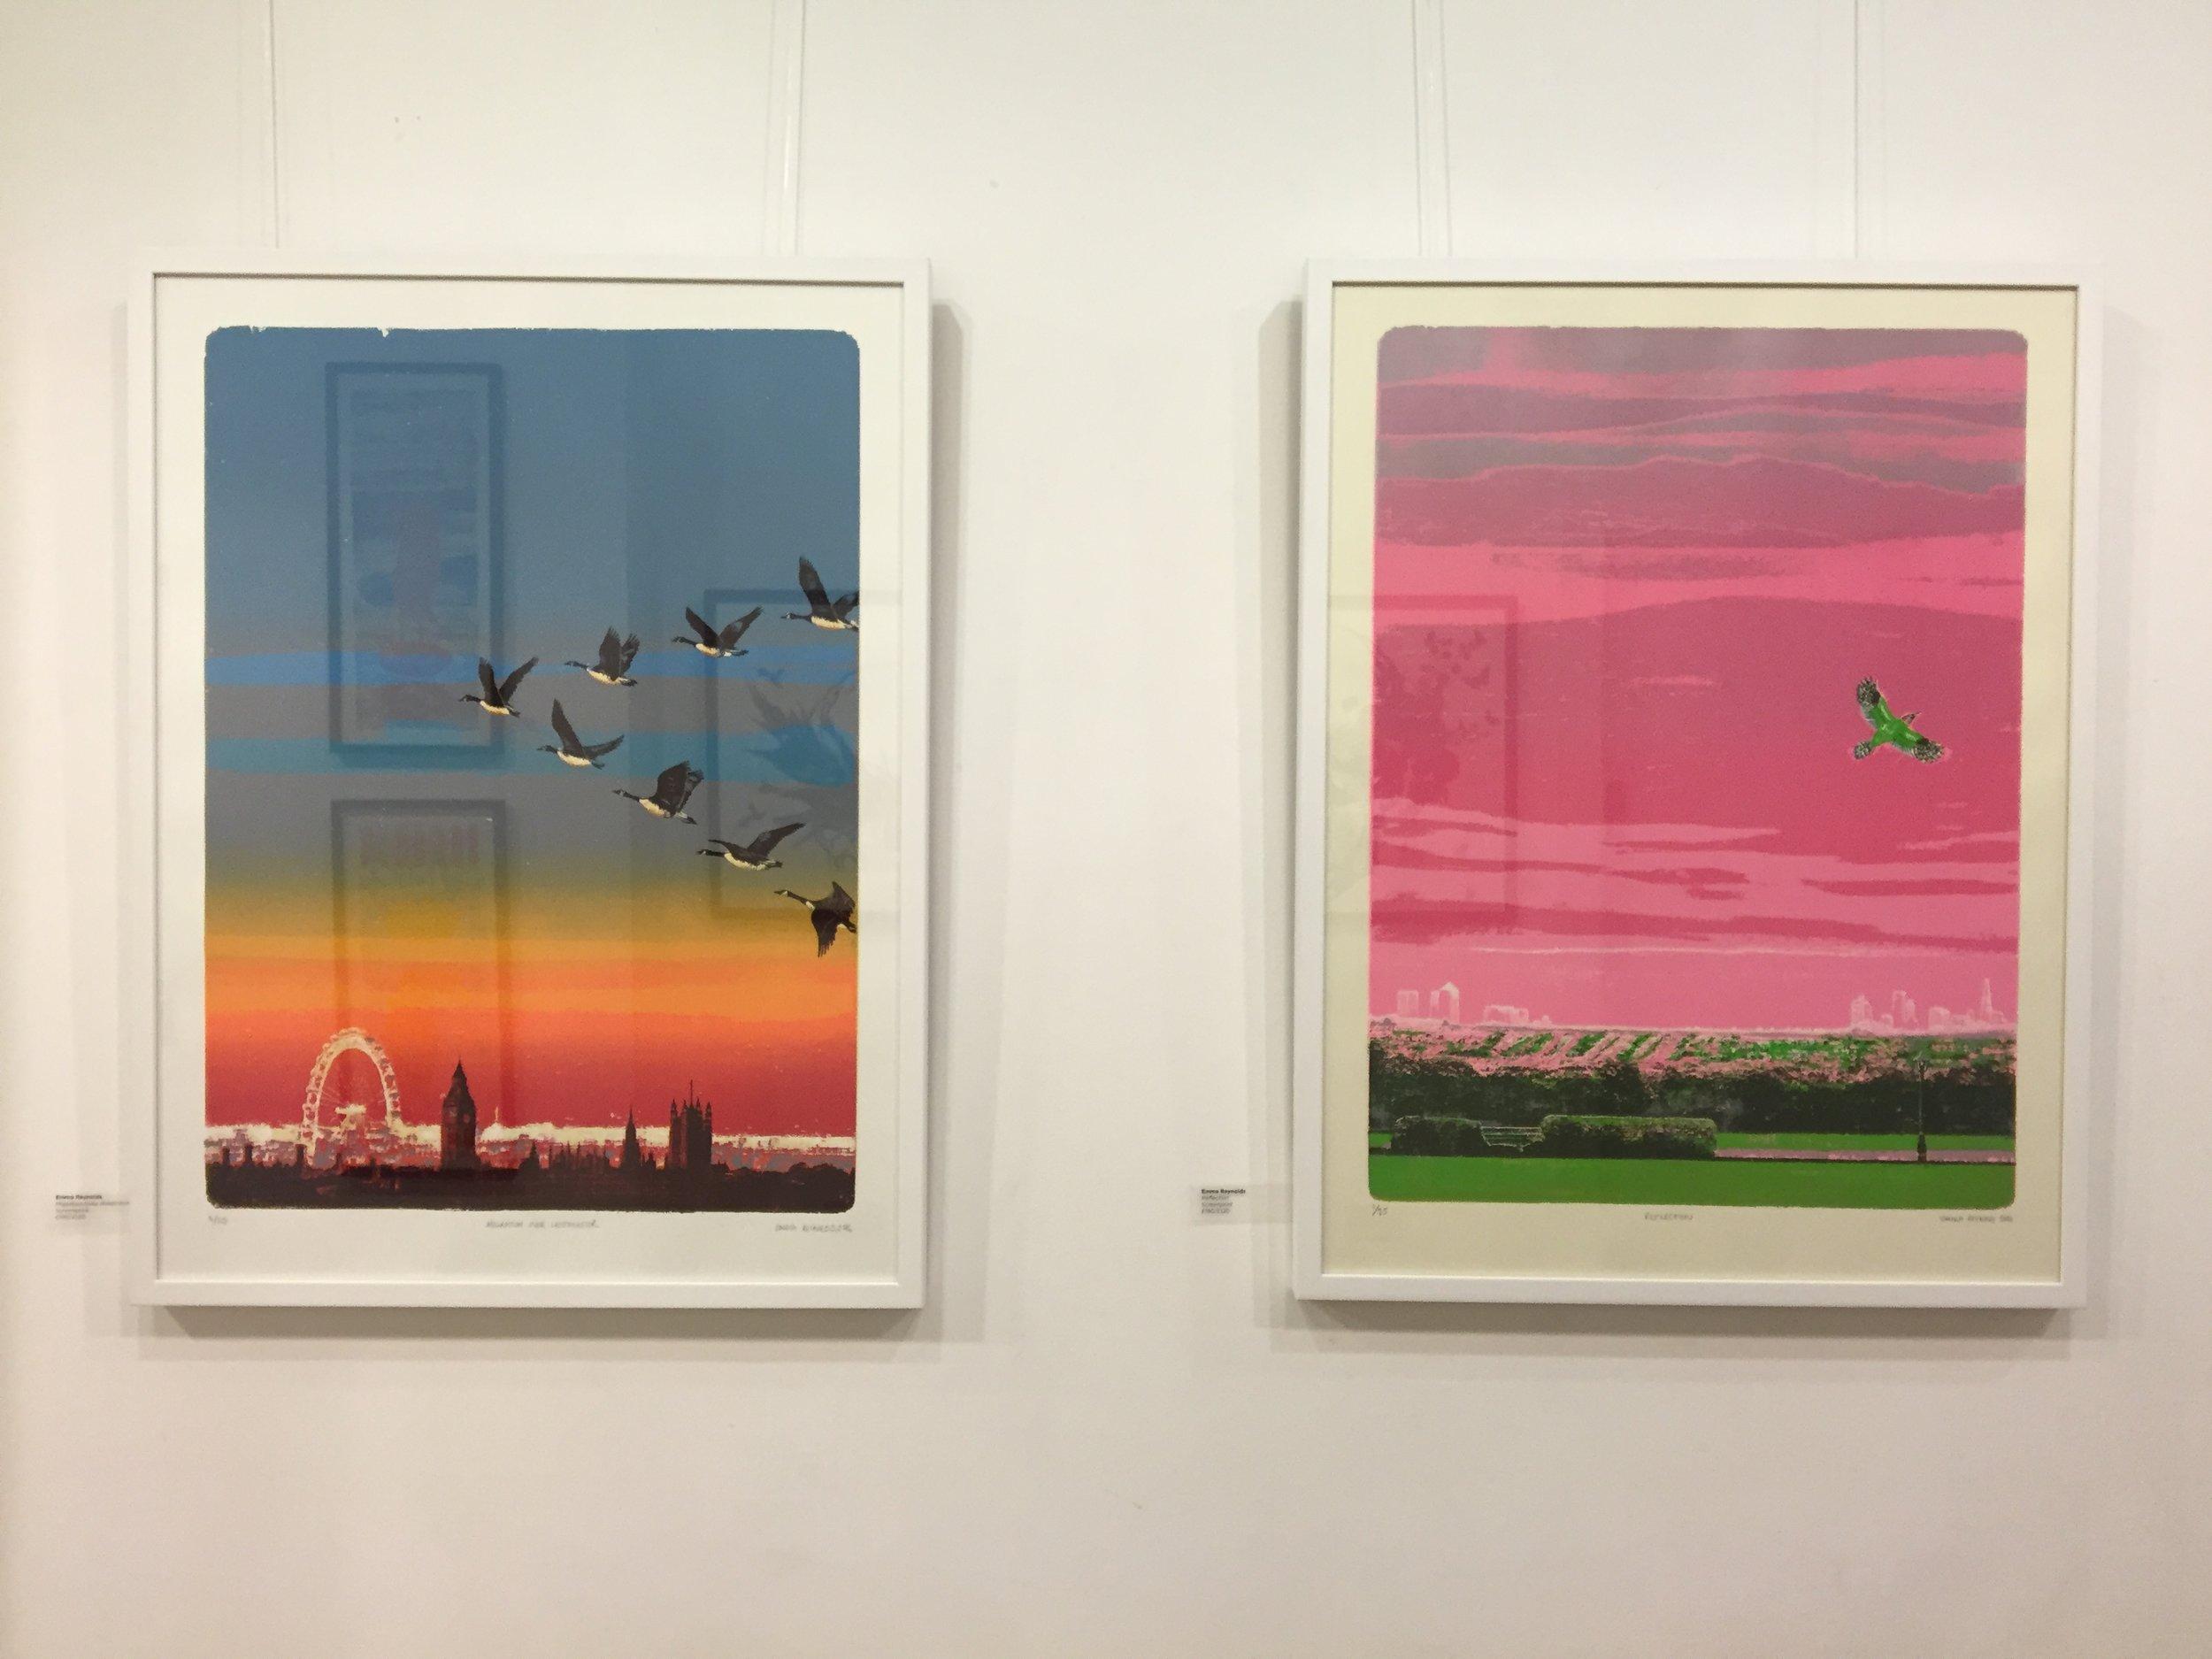 At the Espacio Gallery